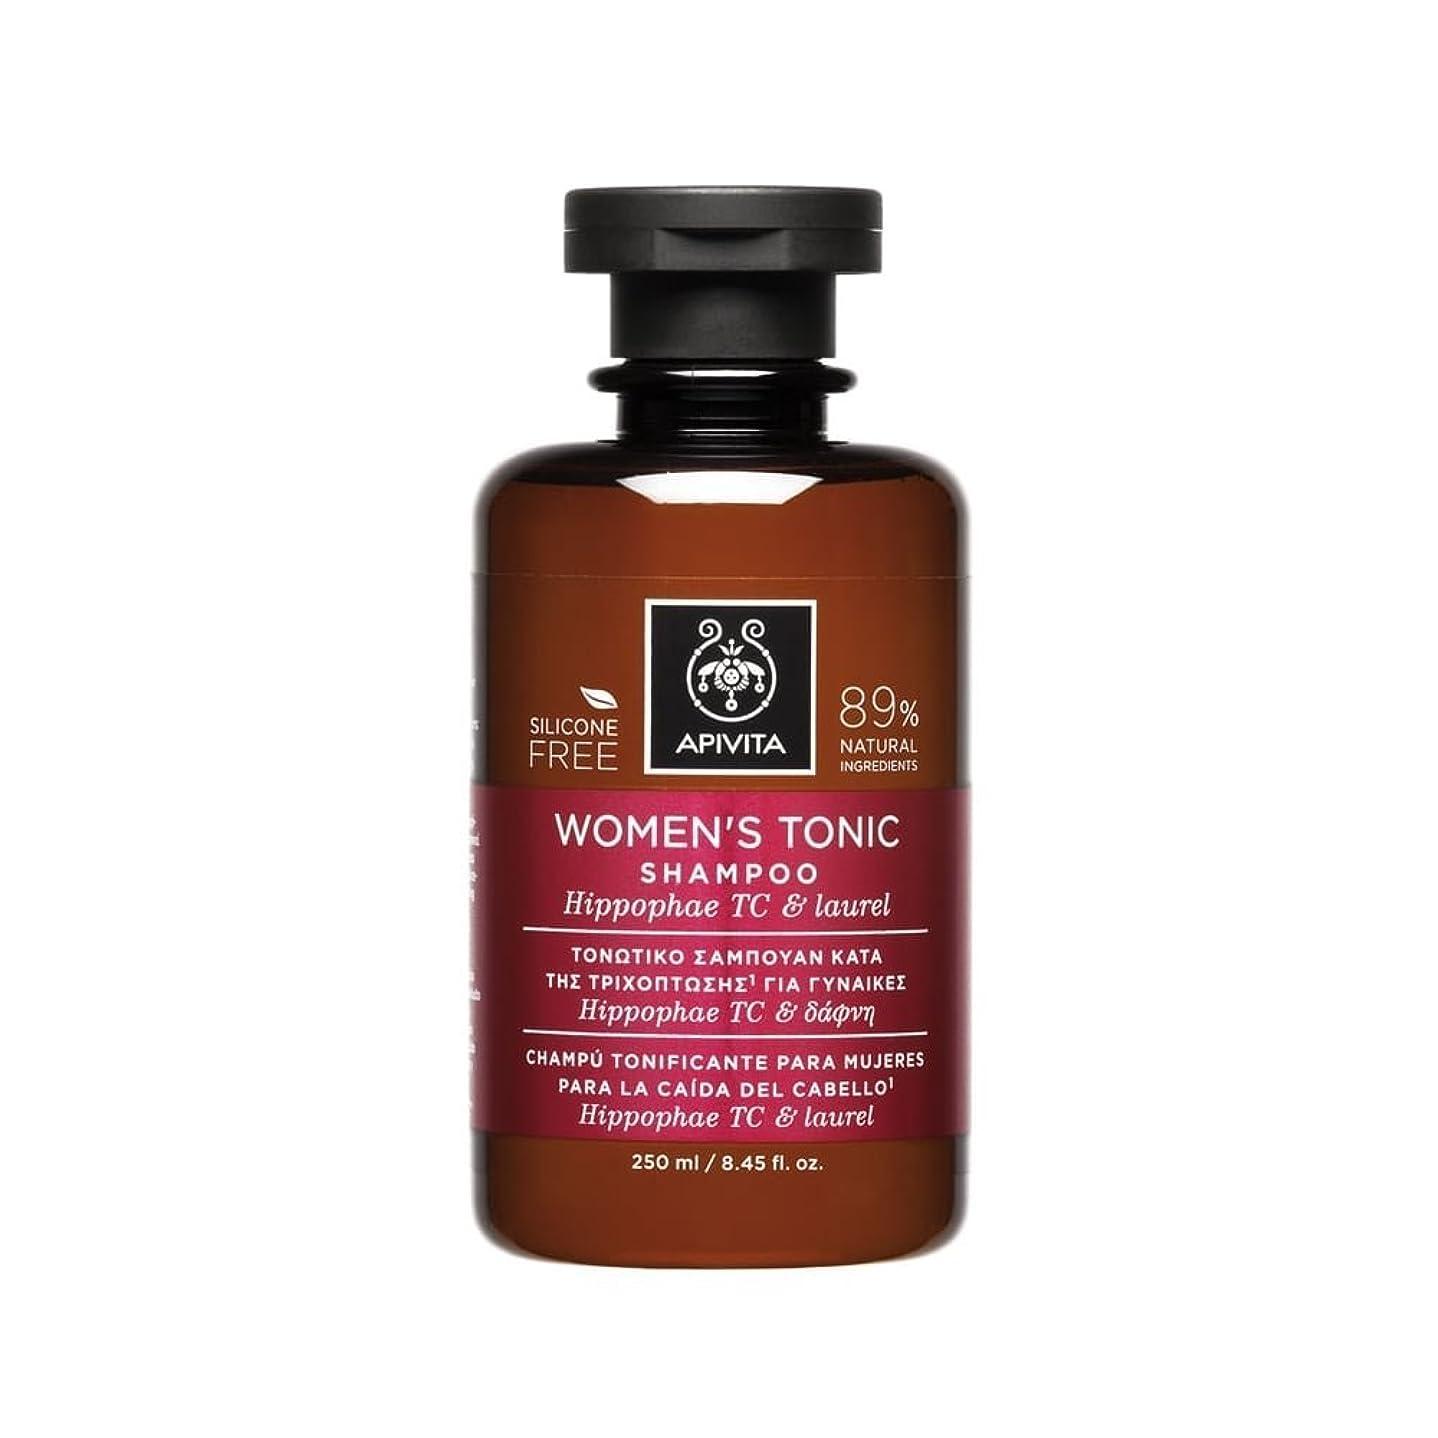 引き付ける構成する成長するアピヴィータ Women's Tonic Shampoo with Hippophae TC & Laurel (For Thinning Hair) 250ml [並行輸入品]